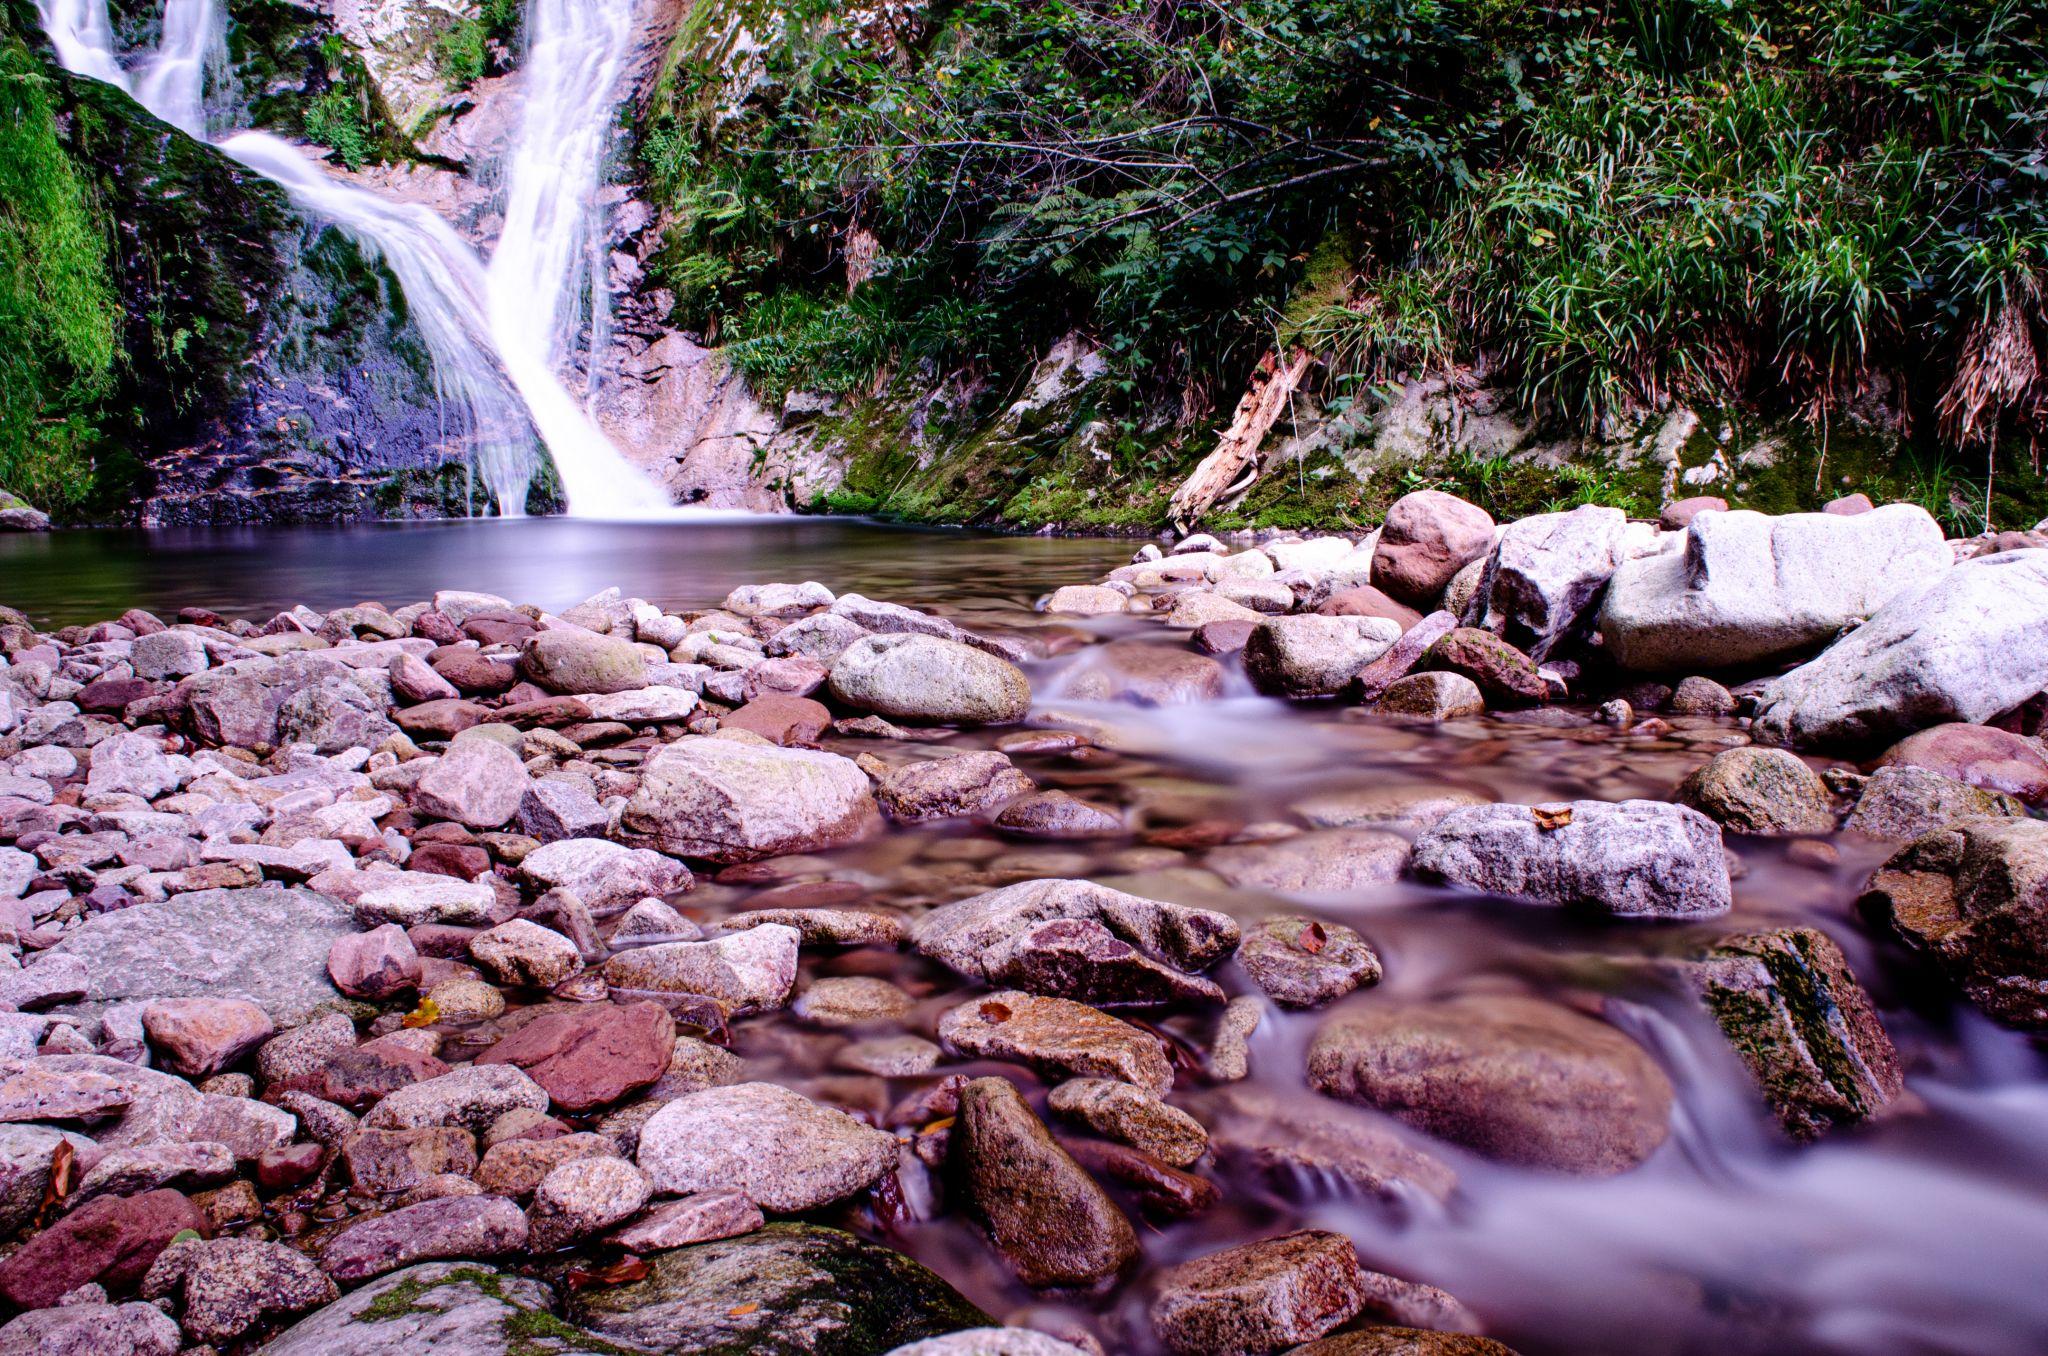 Allerheiligen Waterfall, Germany